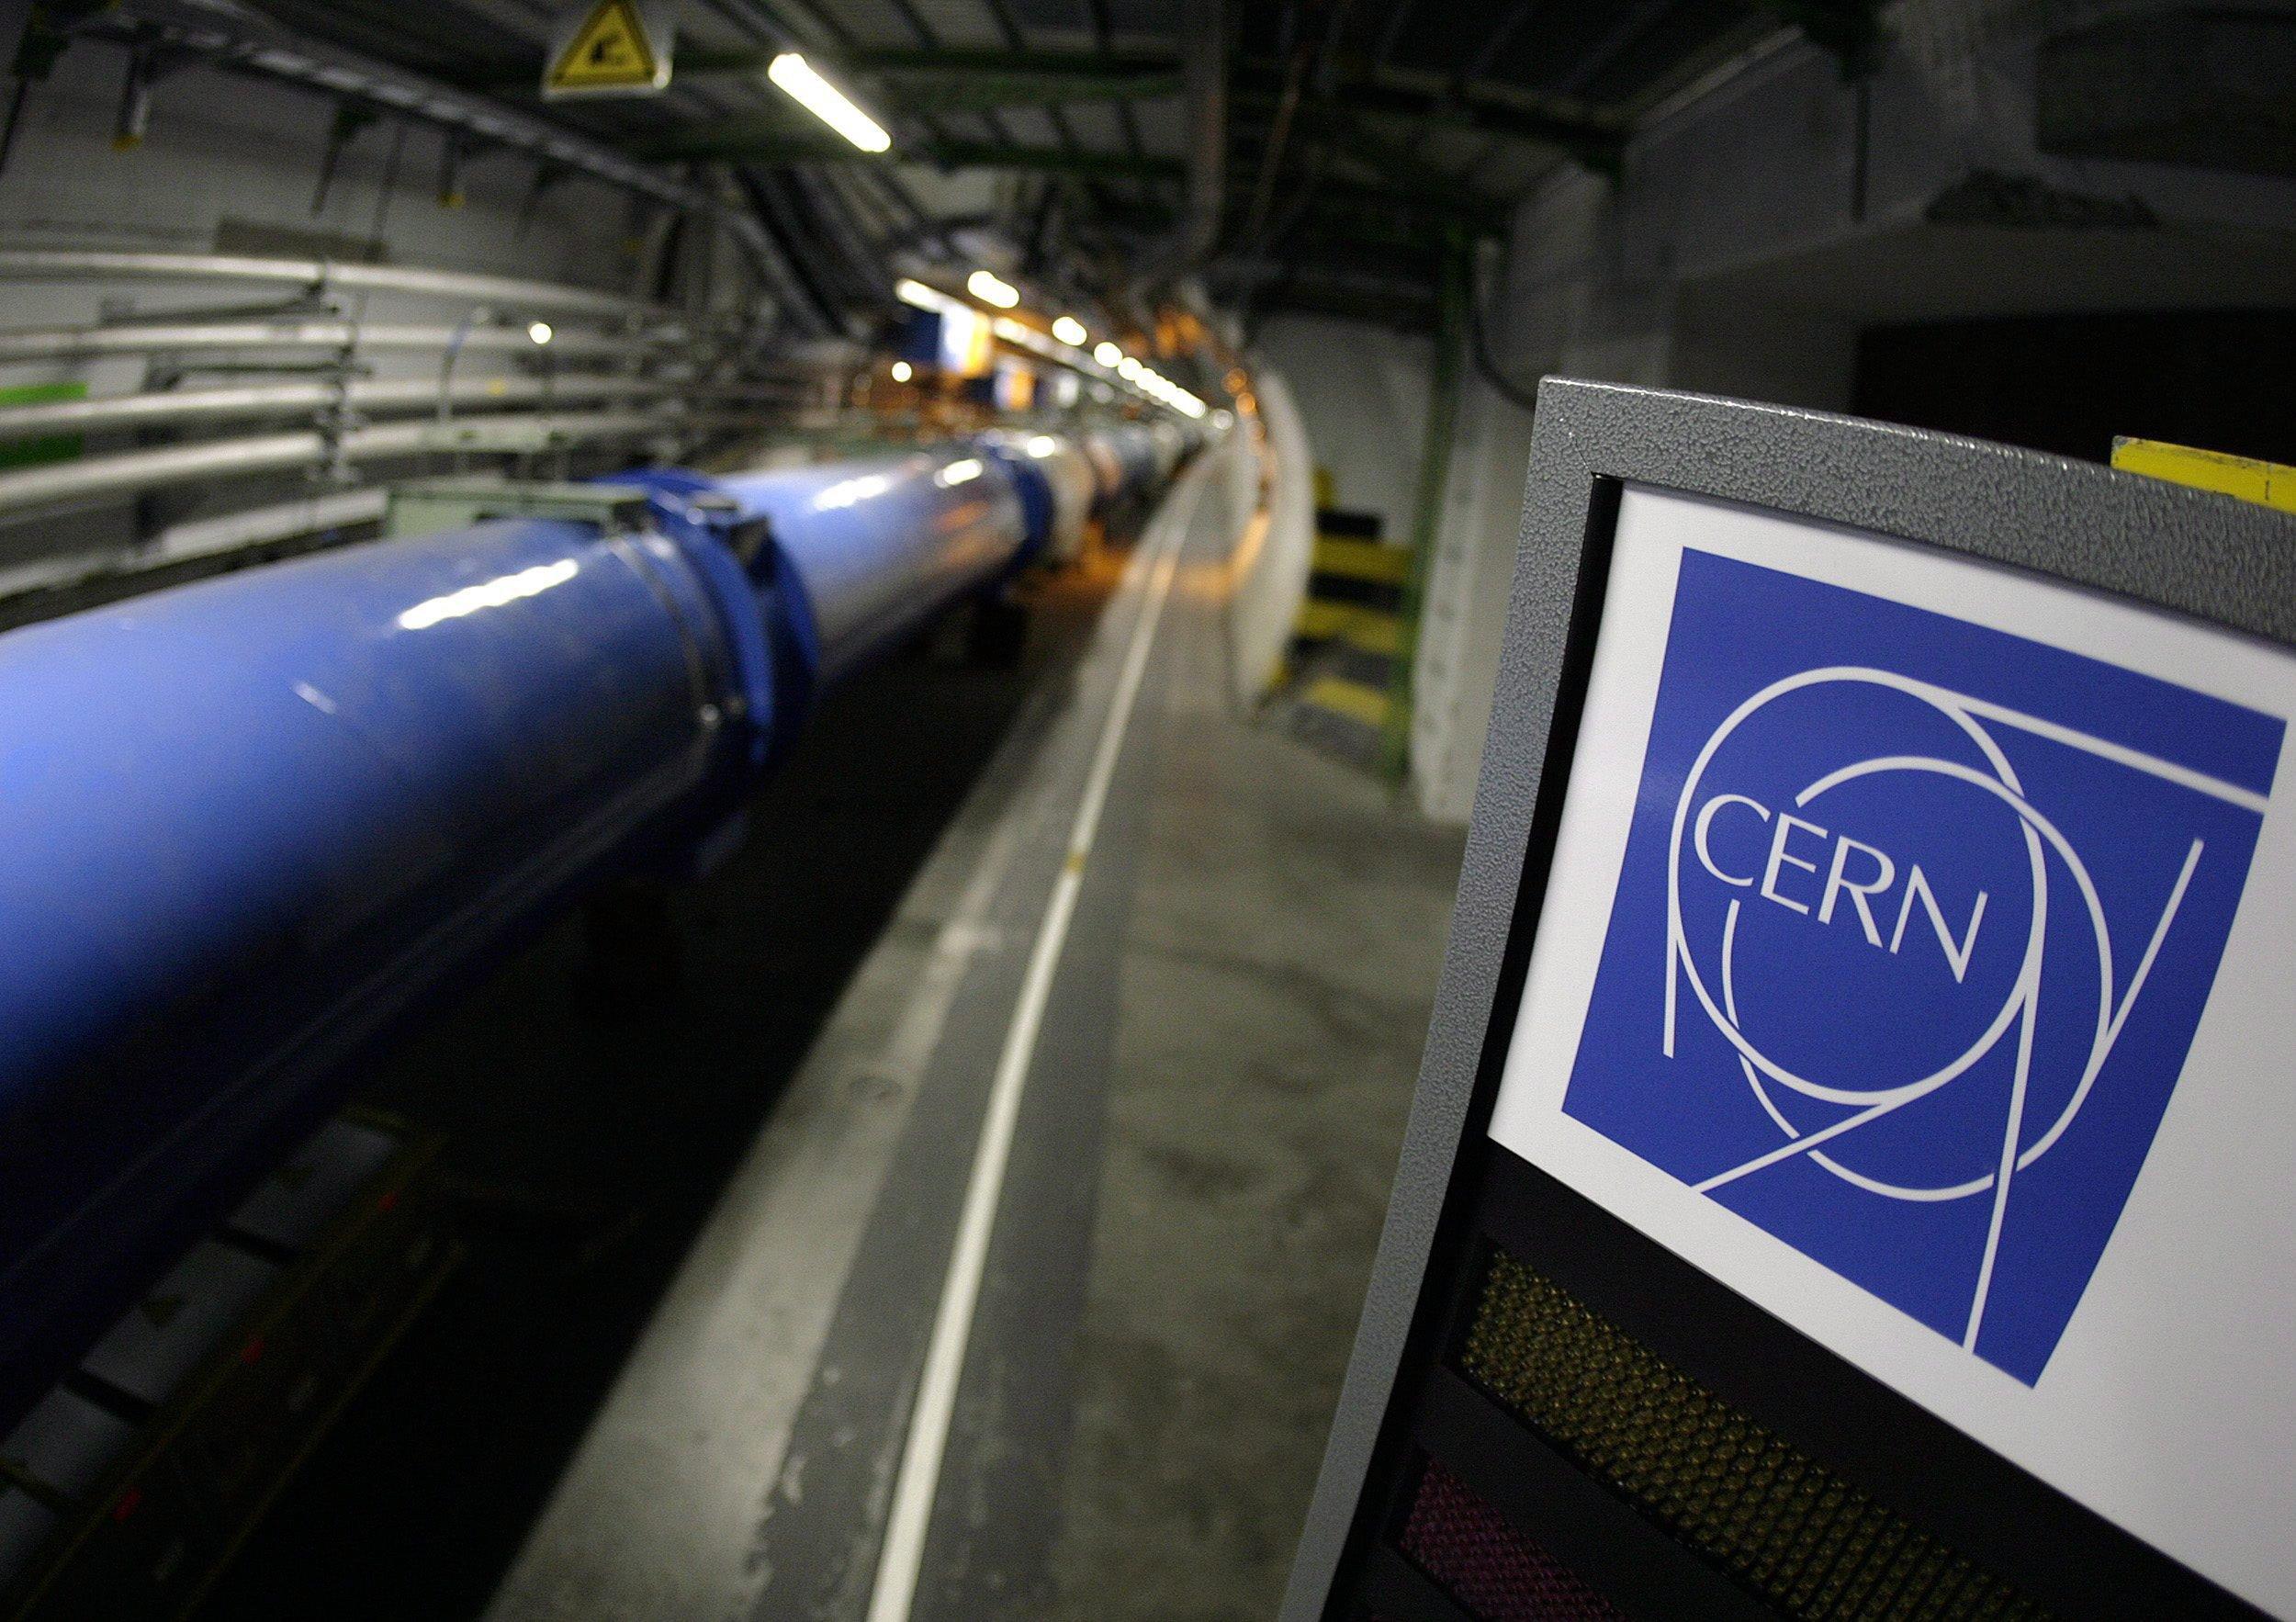 Der Teilchenbeschleuniger Large Hadron Collider (LHC) im Europäischen Kernforschungszentrum Cern bei Genf.